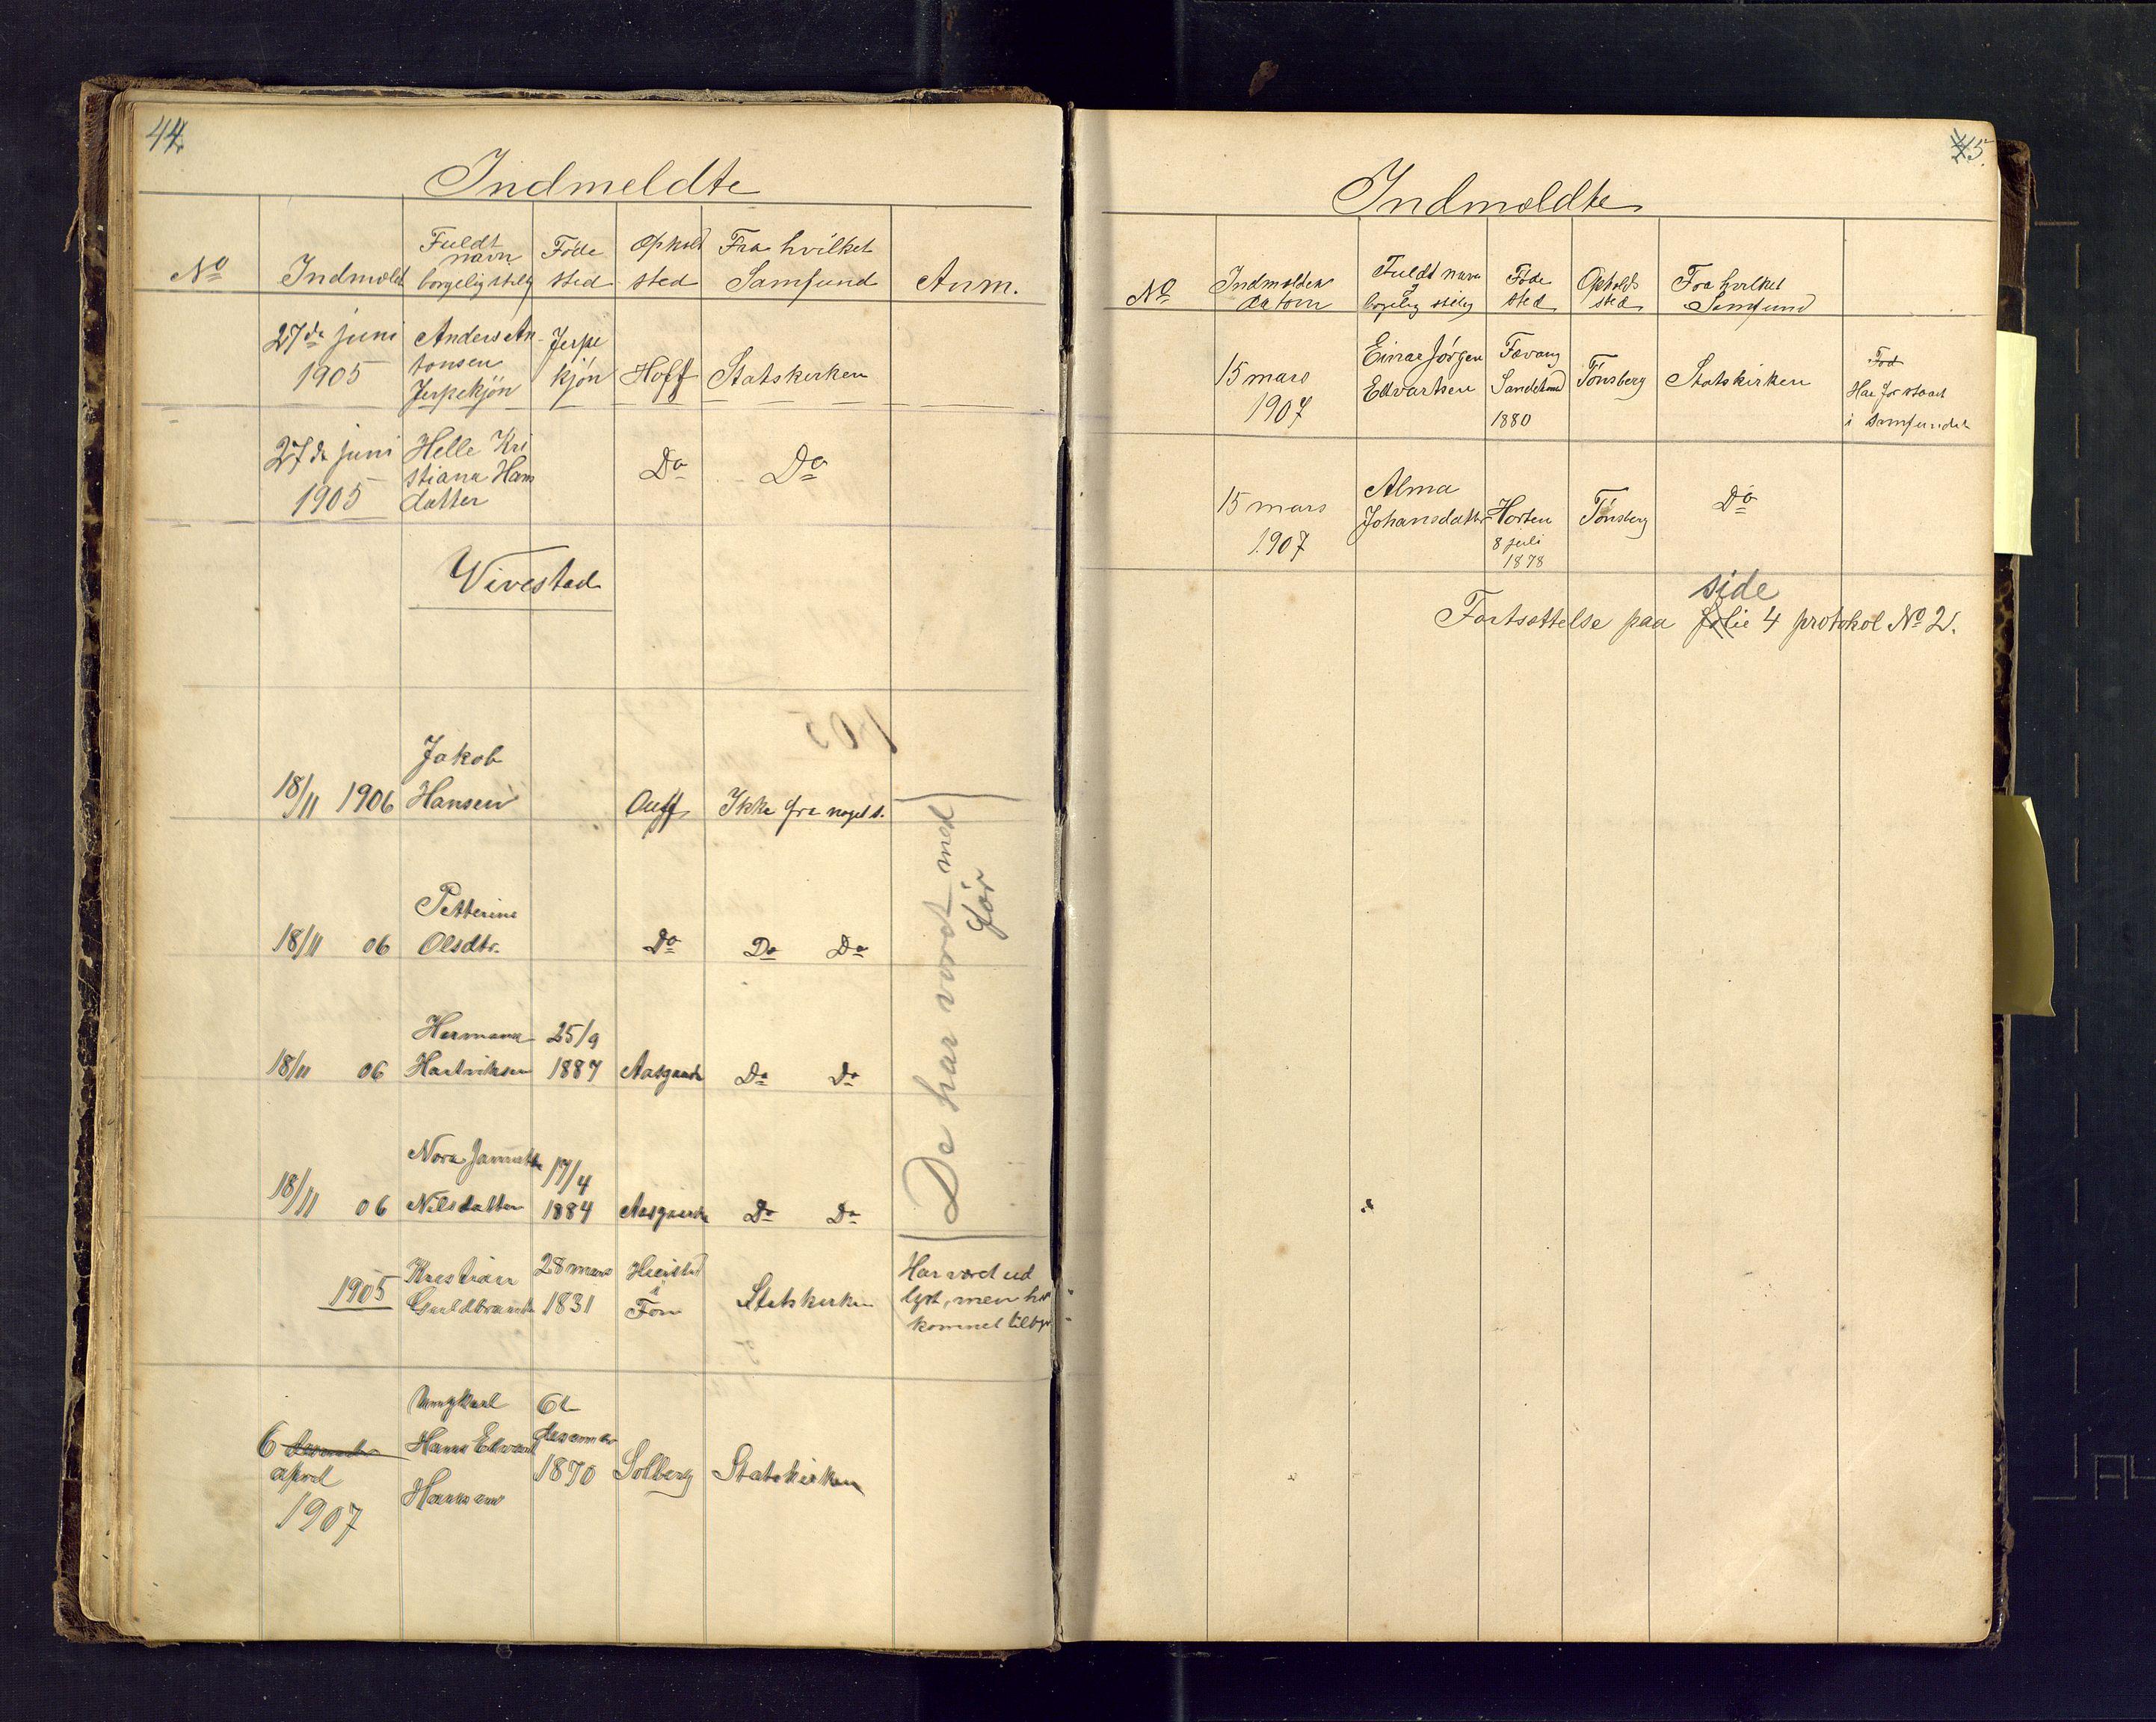 SAKO, Den evangelisk lutherske frimenighet i Jarlsbergs grevskap med flere steder, F/Fa/L0001: Dissenterprotokoll nr. Fa/L0001, 1872-1925, s. 44-45